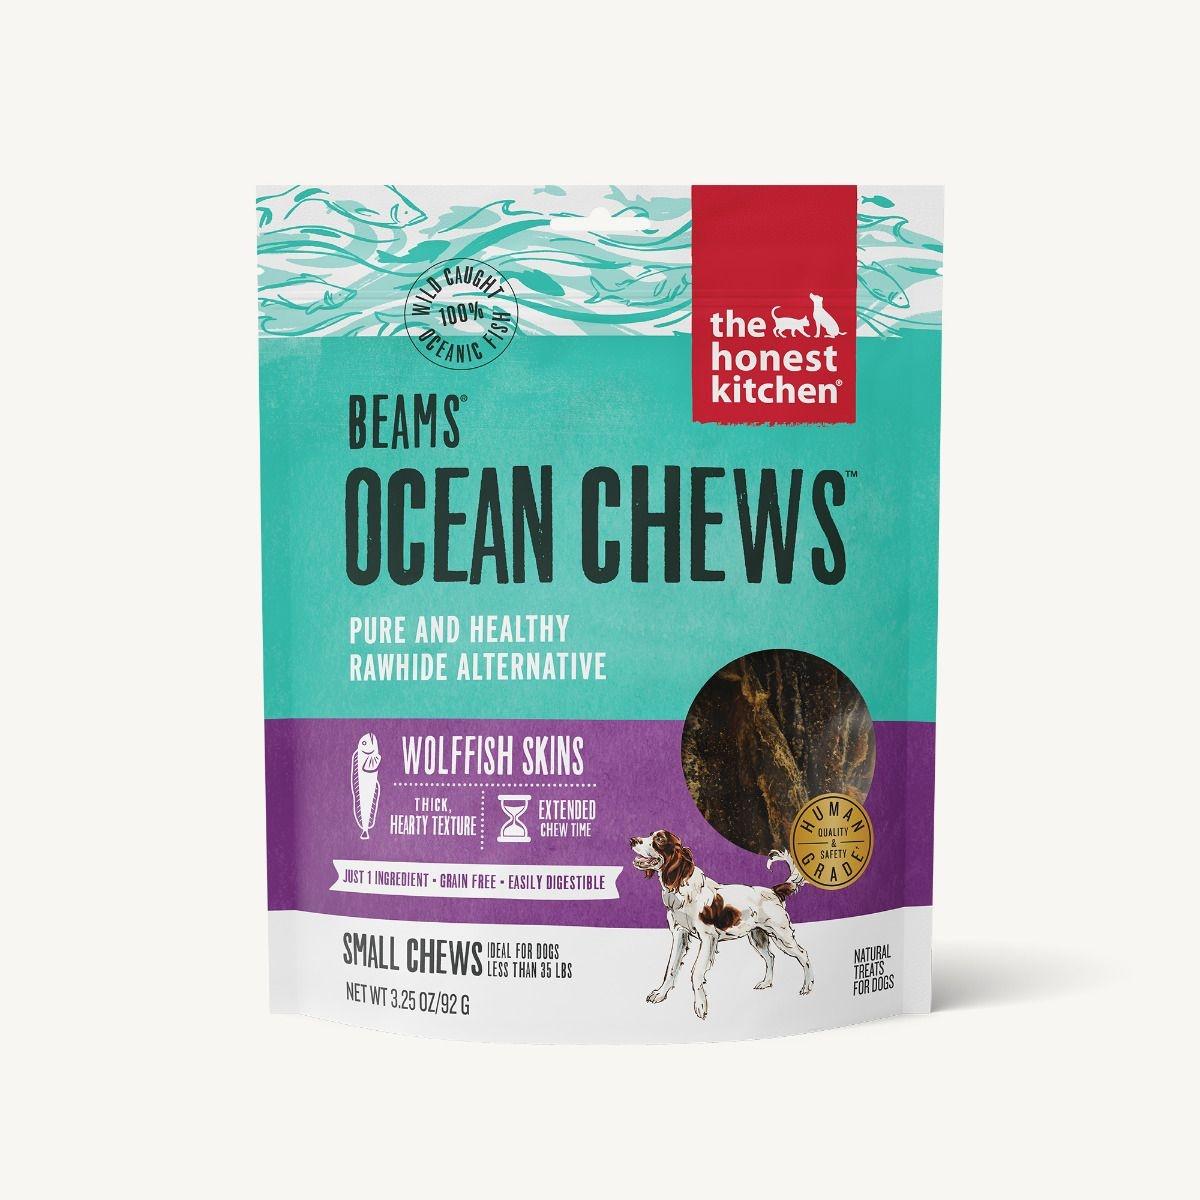 The Honest Kitchen Honest Kitchen Beams Ocean Chews Wolffish Skins